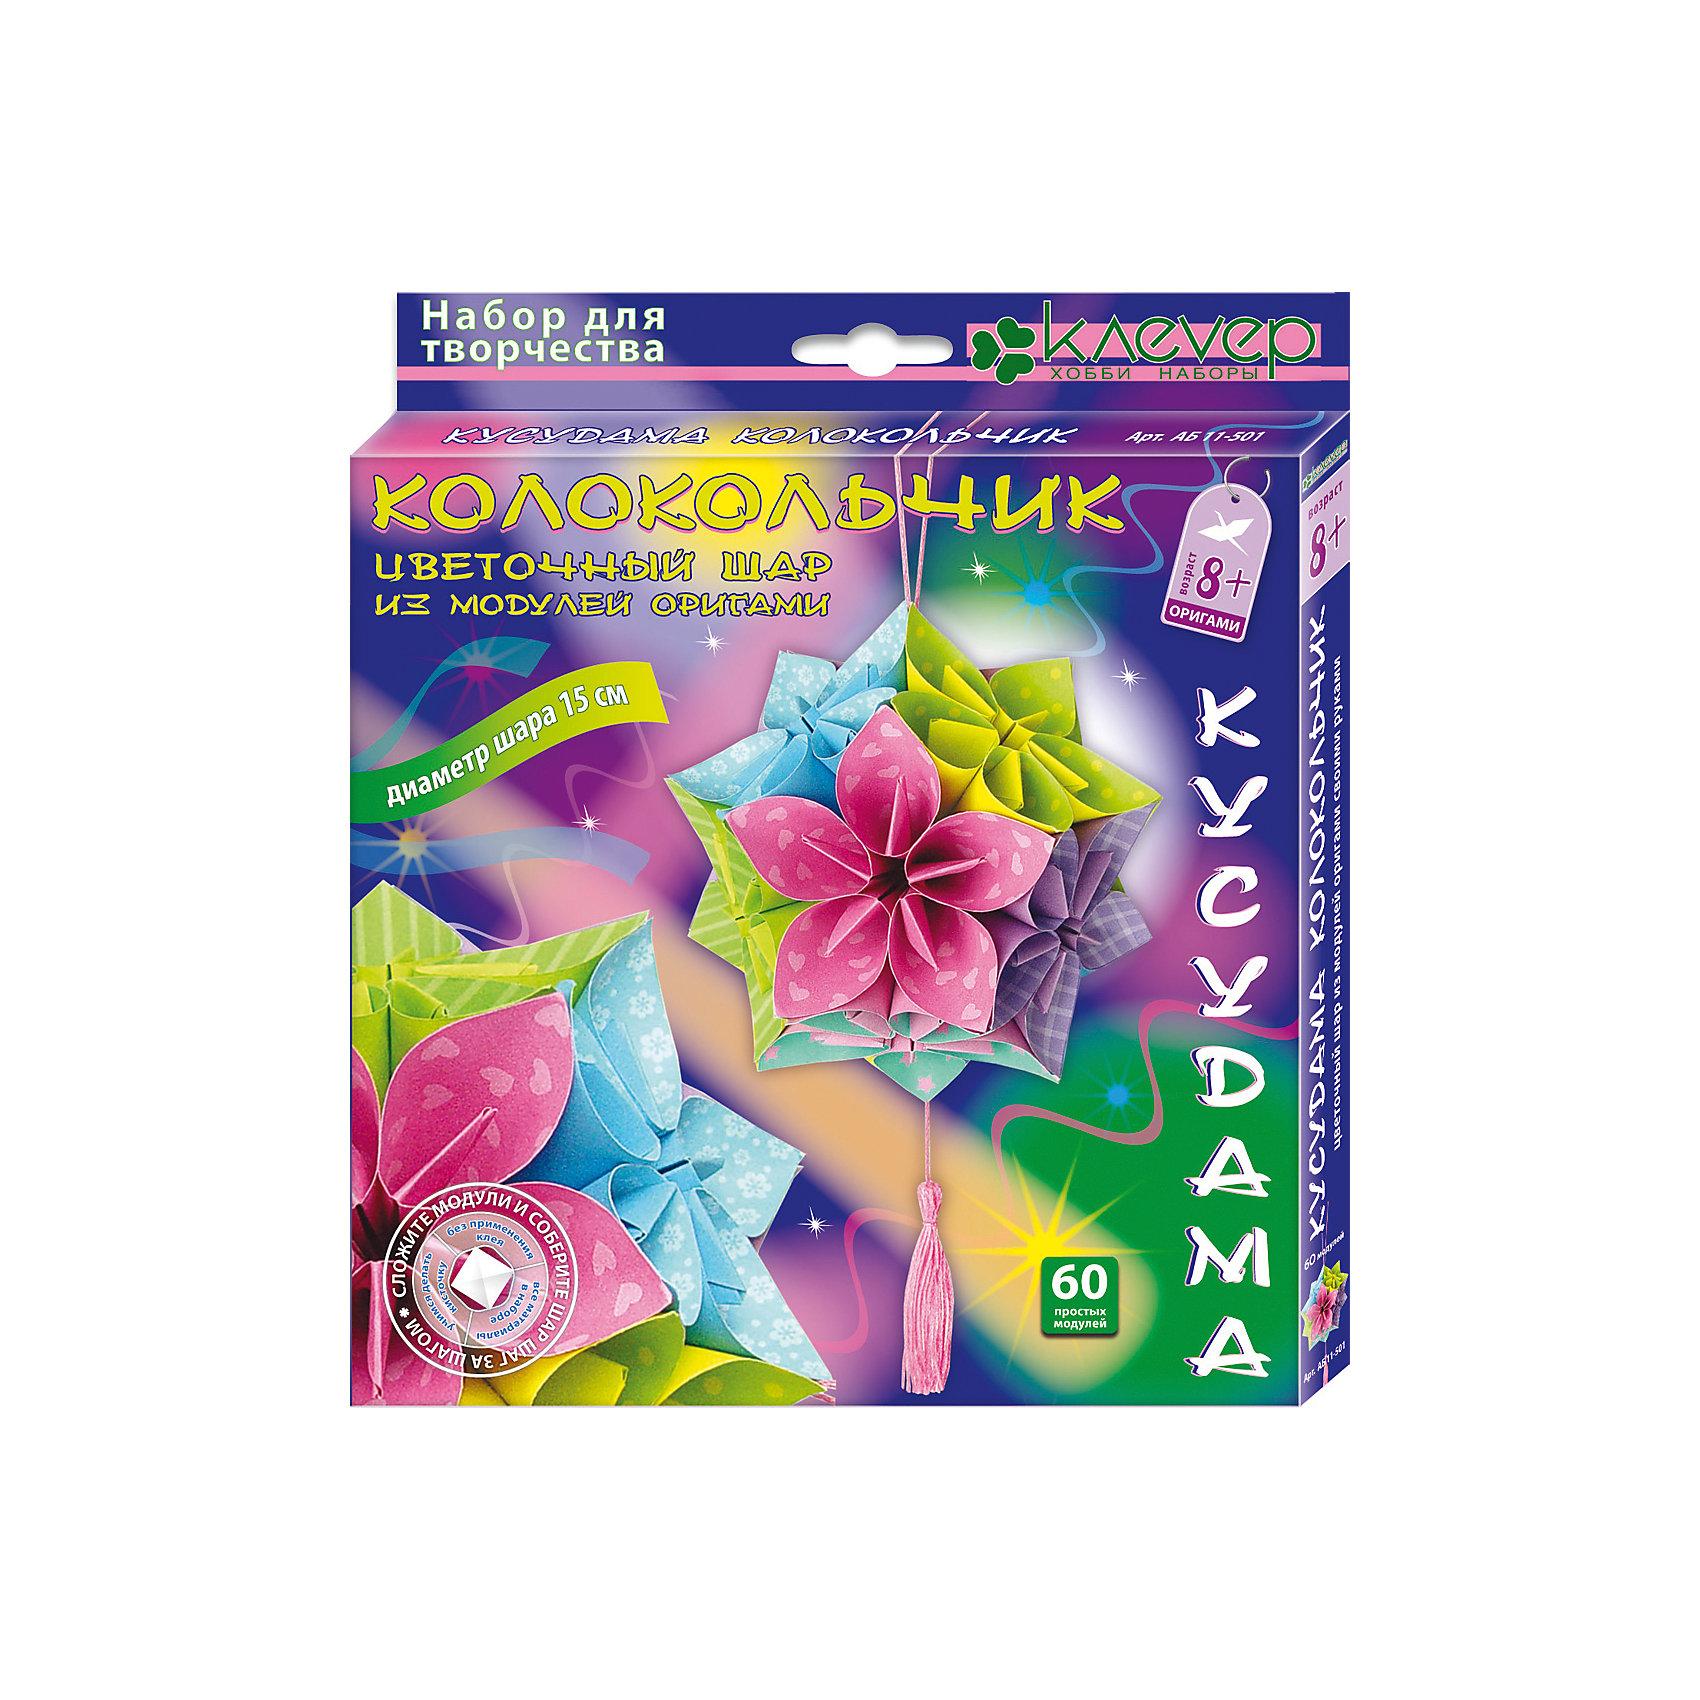 Набор для изготовления шара-кусудама КолокольчикРукоделие<br>Характеристики:<br><br>• Коллекция: интерьерные украшения<br>• Тематика: кусудама<br>• Уровень сложности: средний<br>• Материал: картон, бумага, скотч, нитки<br>• Комплектация: 60 разноцветных листов с нанесенным пунктиром, 2 тренировочных листа, цветные нити, скотч, инструкция<br>• Форма: 3d<br>• Диаметр украшения: 18 см<br>• Размеры (Д*Ш*В): 21*23*18 см<br>• Вес: 60 г <br>• Упаковка: картонная коробка<br><br>Уникальность данных наборов заключается в том, что они состоят из материалов разных фактур. Благодаря использованию двухстороннего скотча, рабочее место и одежда ребенка не будет испачкана, а поделка будет выглядеть объемной и аккуратной.<br><br>Набор для изготовления шара-кусудама Колокольчик – состоит из всех необходимых материалов для создания объемного шара. В наборе предусмотрены цветные нити для создания длинных кистей и петельки-подвески..<br><br>Набор для изготовления шара-кусудама Колокольчик можно купить в нашем интернет-магазине.<br><br>Ширина мм: 210<br>Глубина мм: 230<br>Высота мм: 180<br>Вес г: 60<br>Возраст от месяцев: 96<br>Возраст до месяцев: 144<br>Пол: Унисекс<br>Возраст: Детский<br>SKU: 5541465